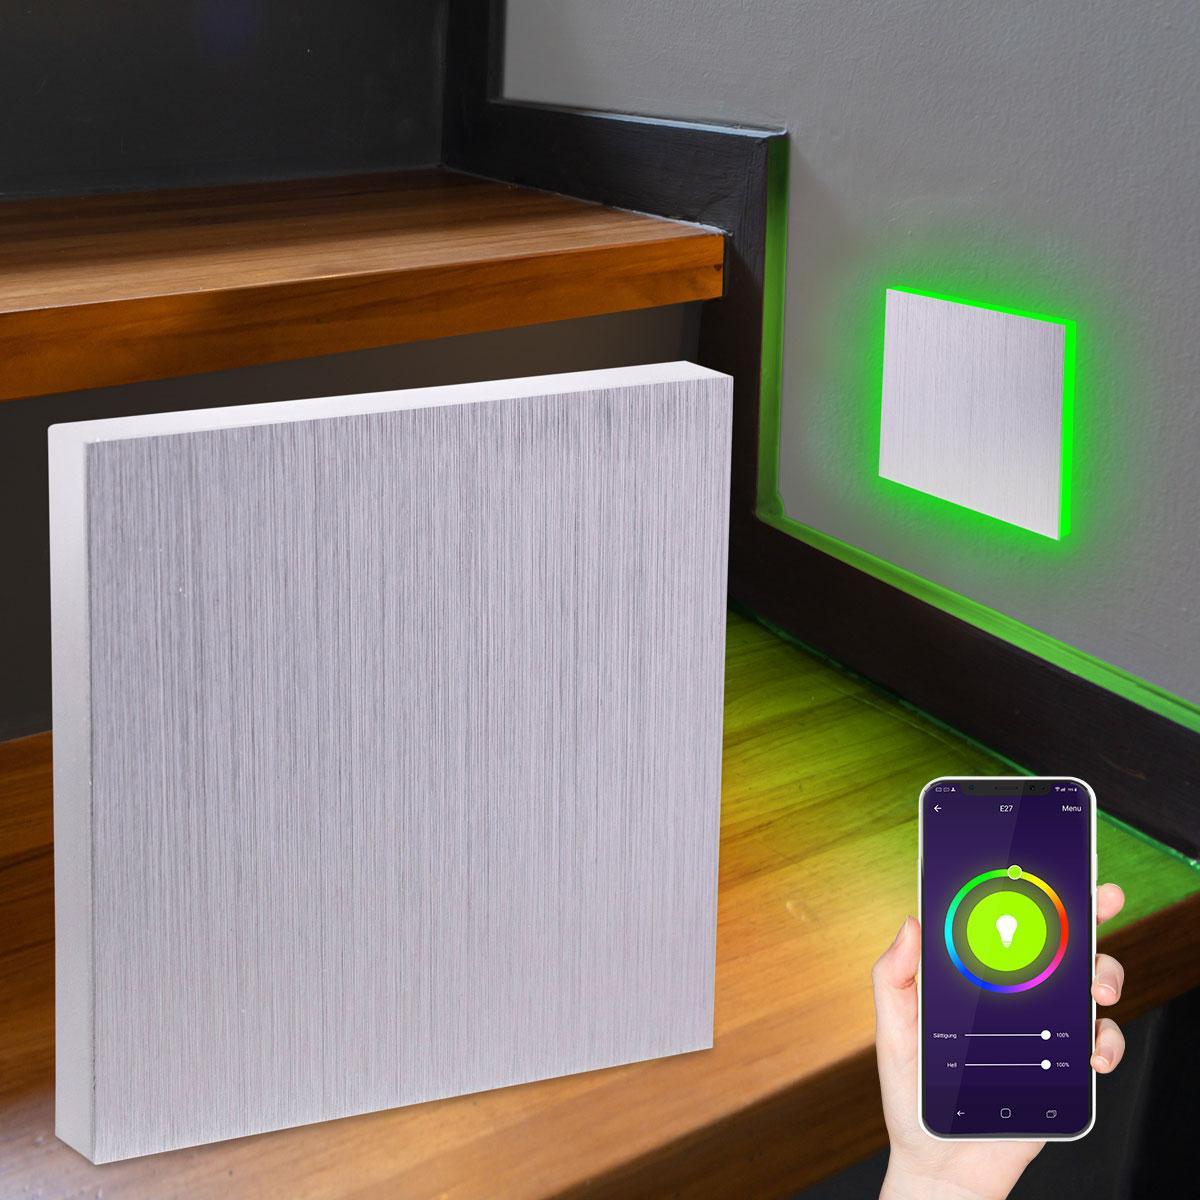 LED Treppenlicht Wandeinbauleuchte Smart Tuya RGB+CCT 230V 5W Alu-gebürstet Lichtaustritt seitlich